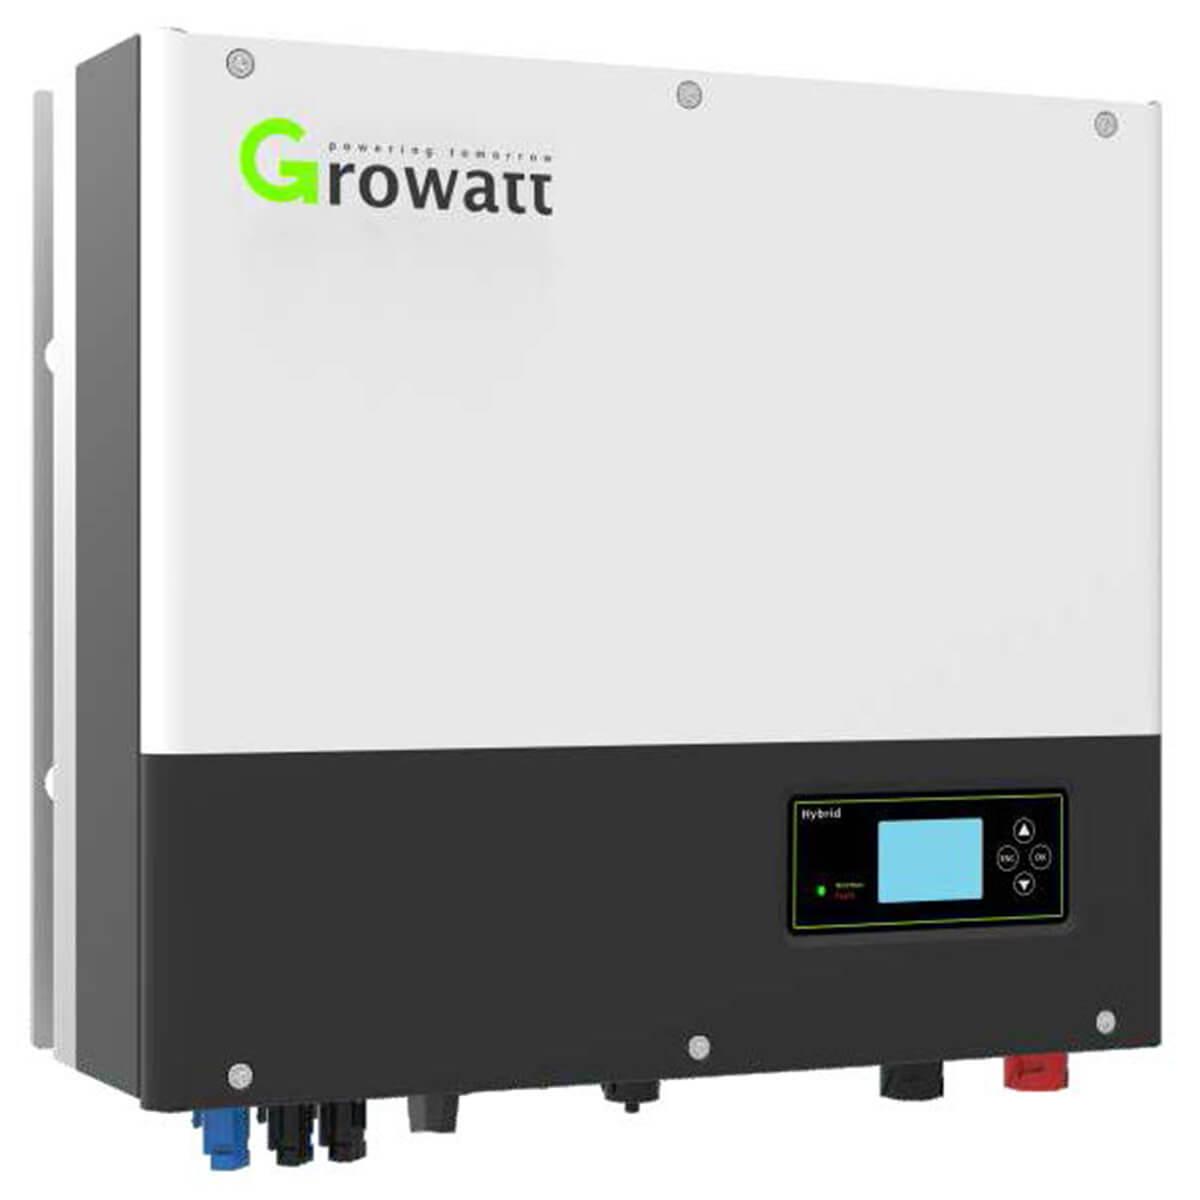 growatt 4000W hibrit inverter, growatt sph 4000W hibrit inverter, growatt sph 4000tl3 bh hibrit inverter, growatt sph 4000tl3 bh, growatt sph 4000 W, GROWATT 4000W